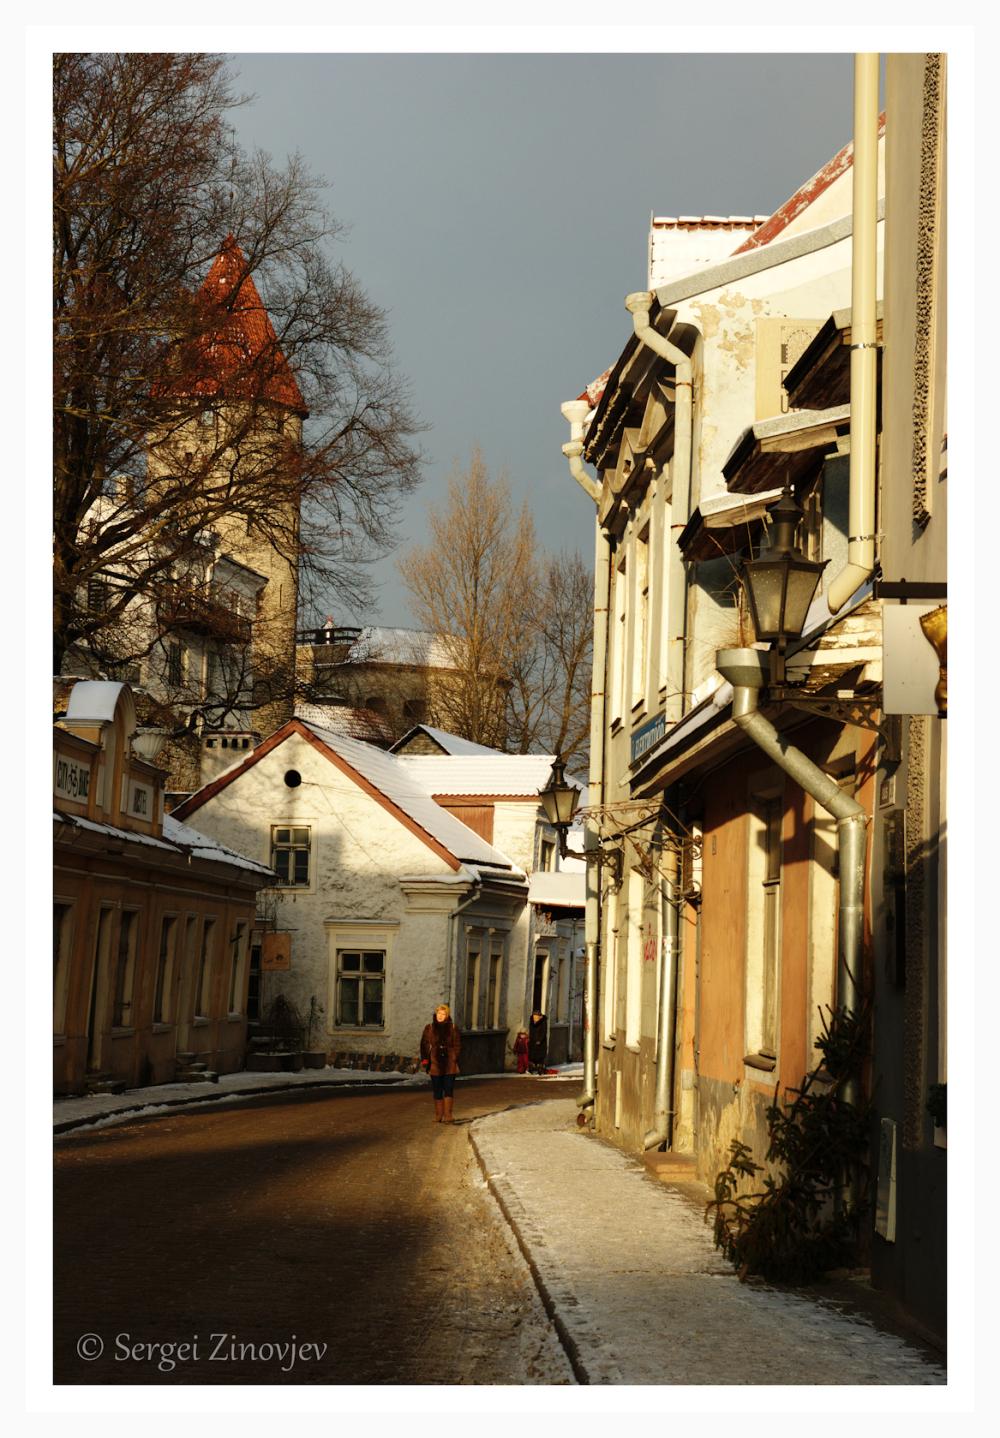 Uus street in Tallinn Old Town